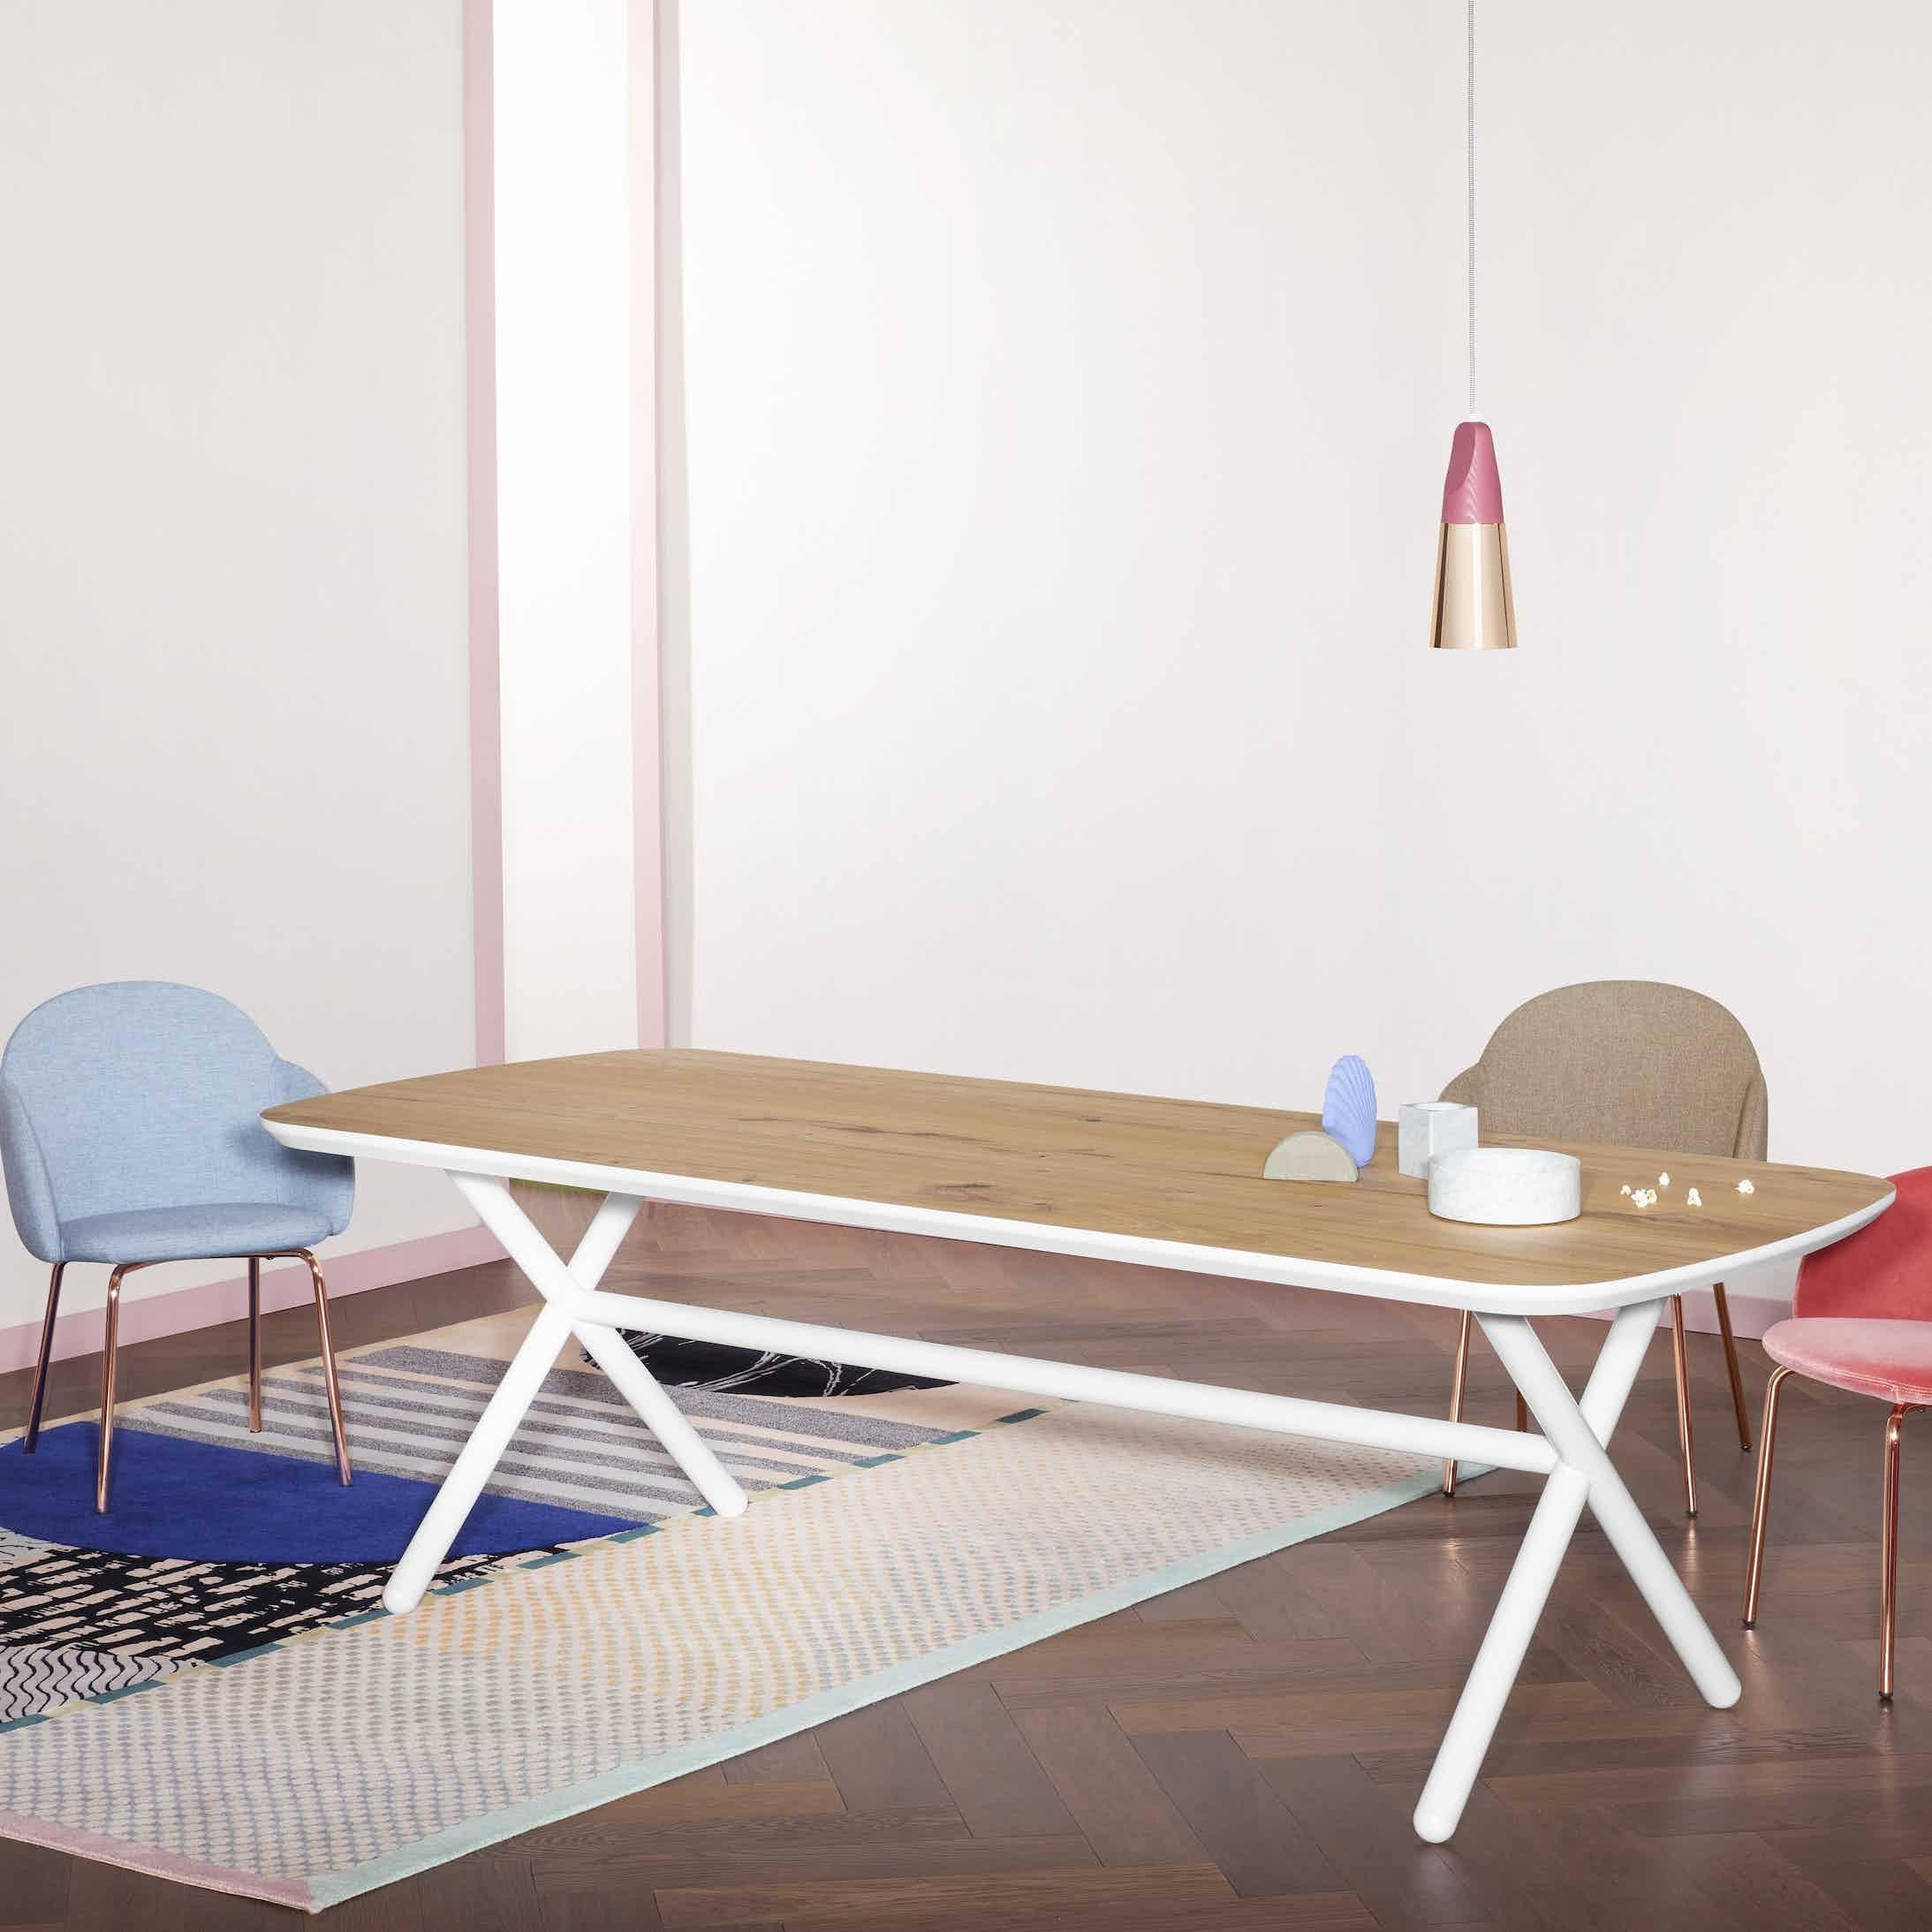 Phase Design Emile Table White Haute Living